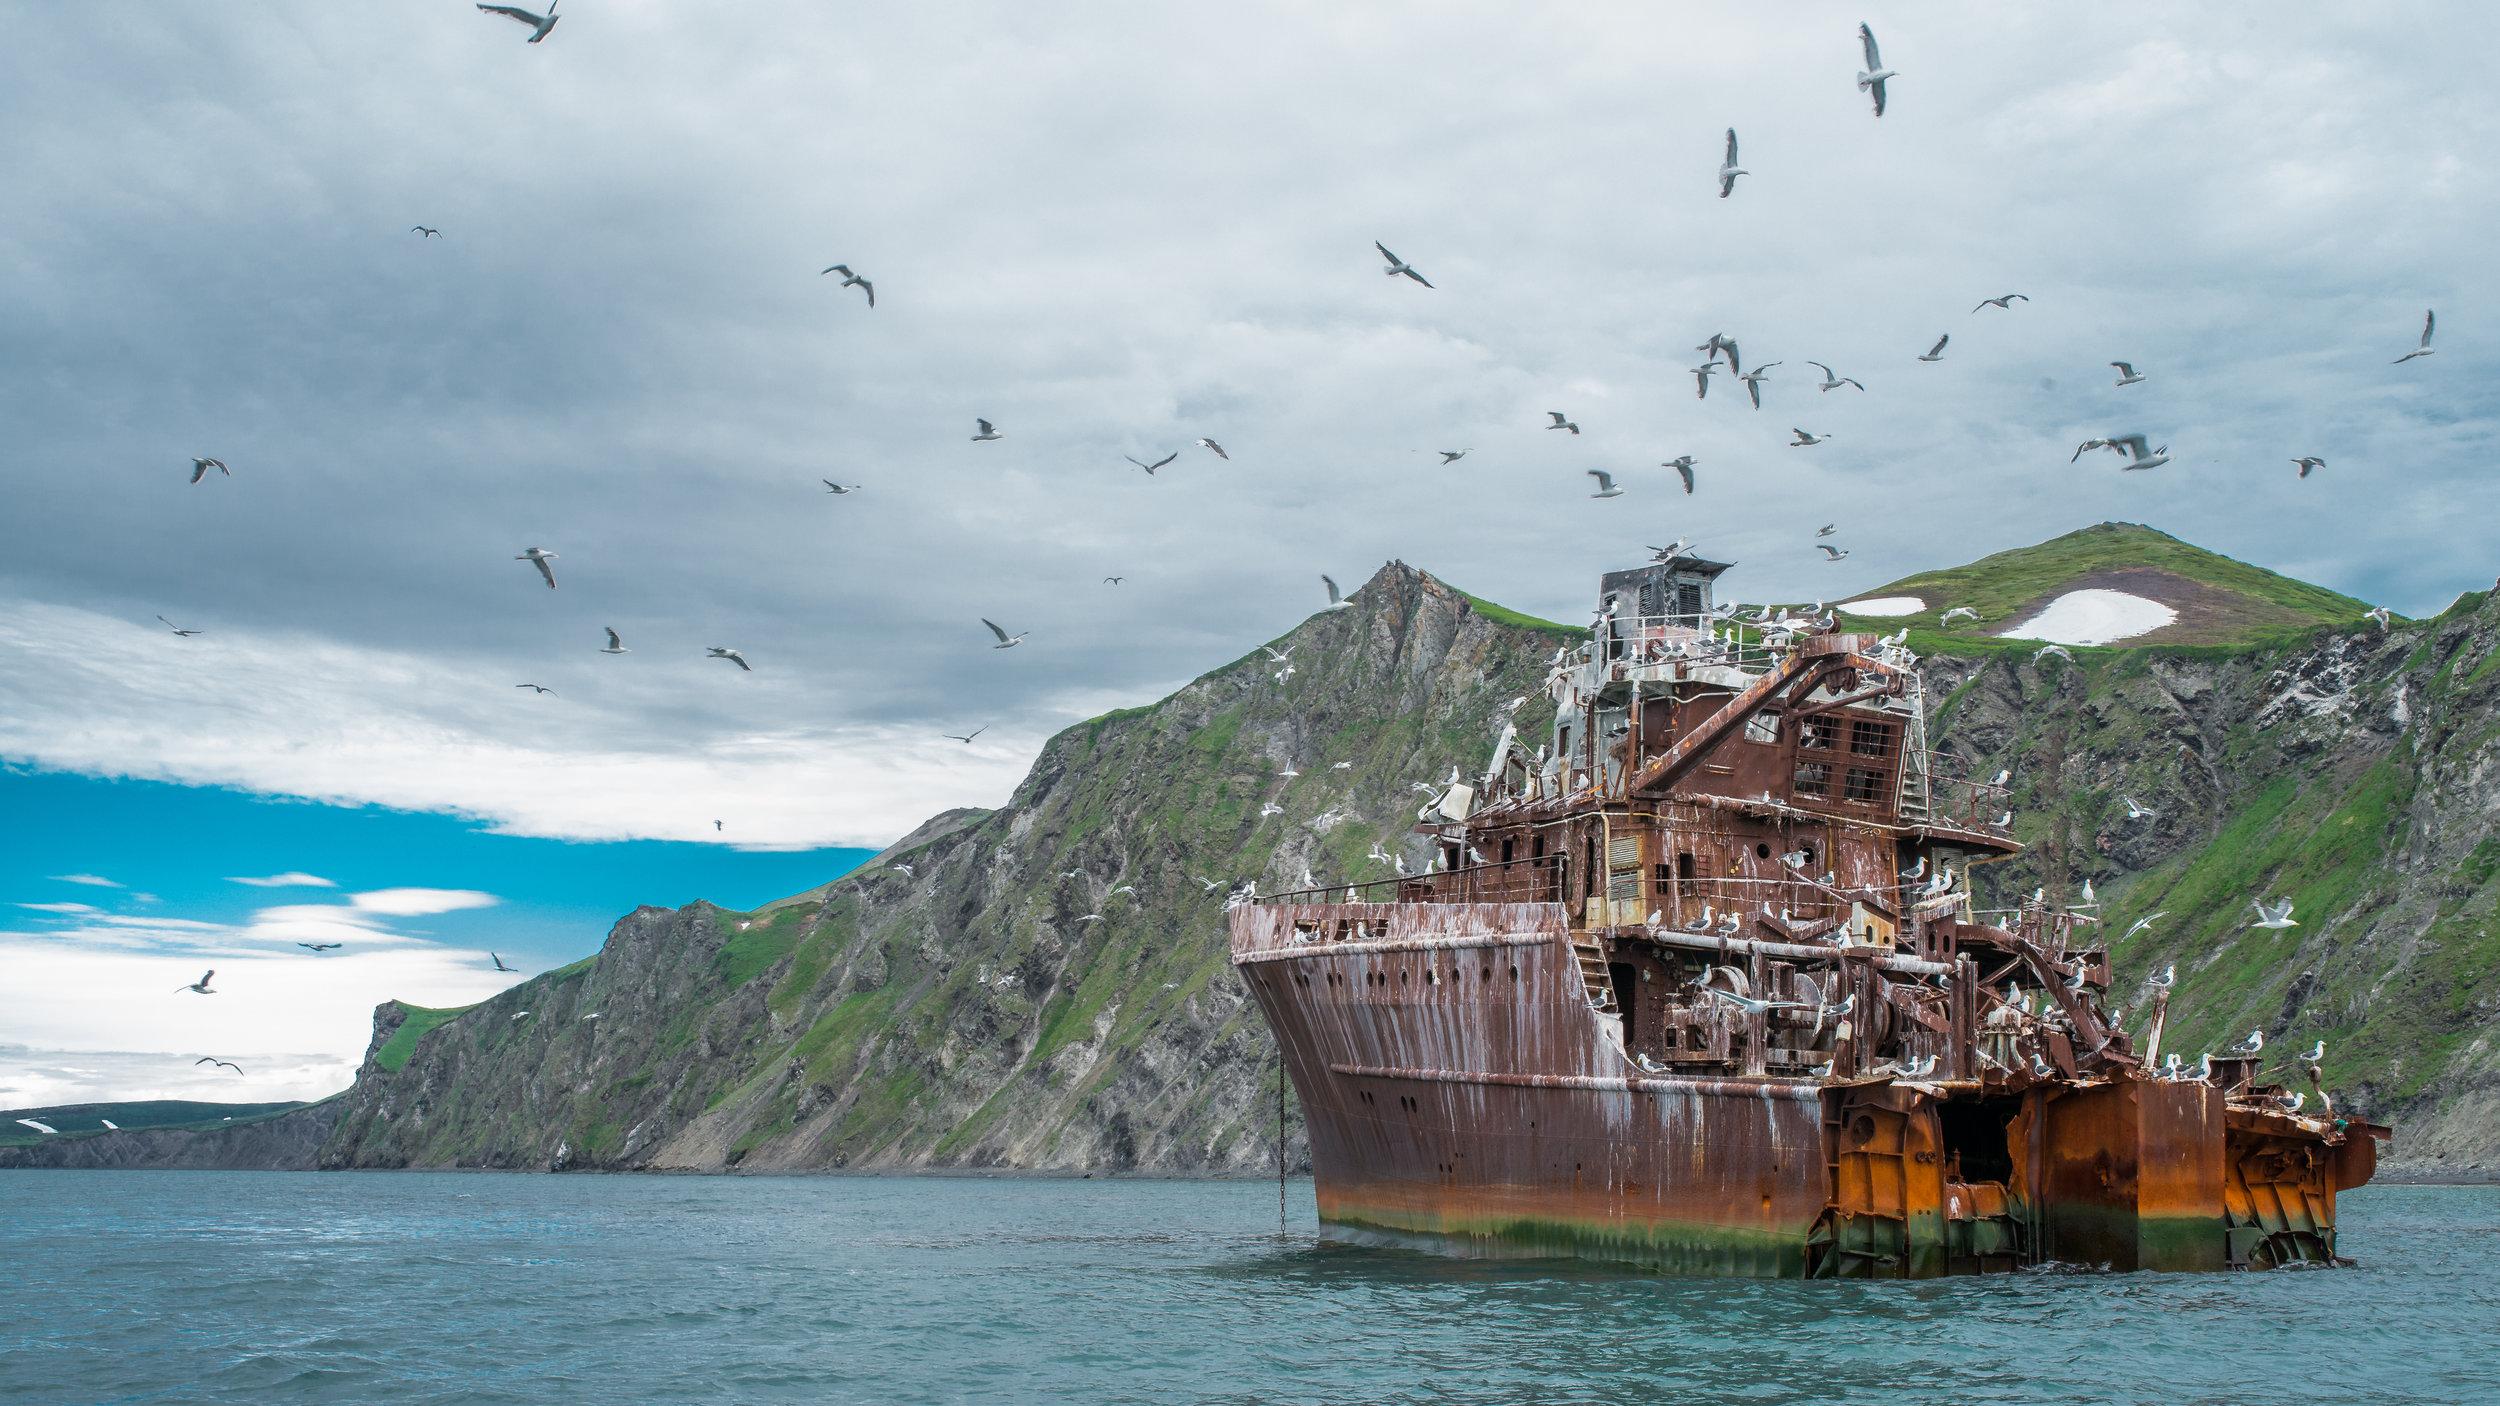 Shipwreck at Bear Gully